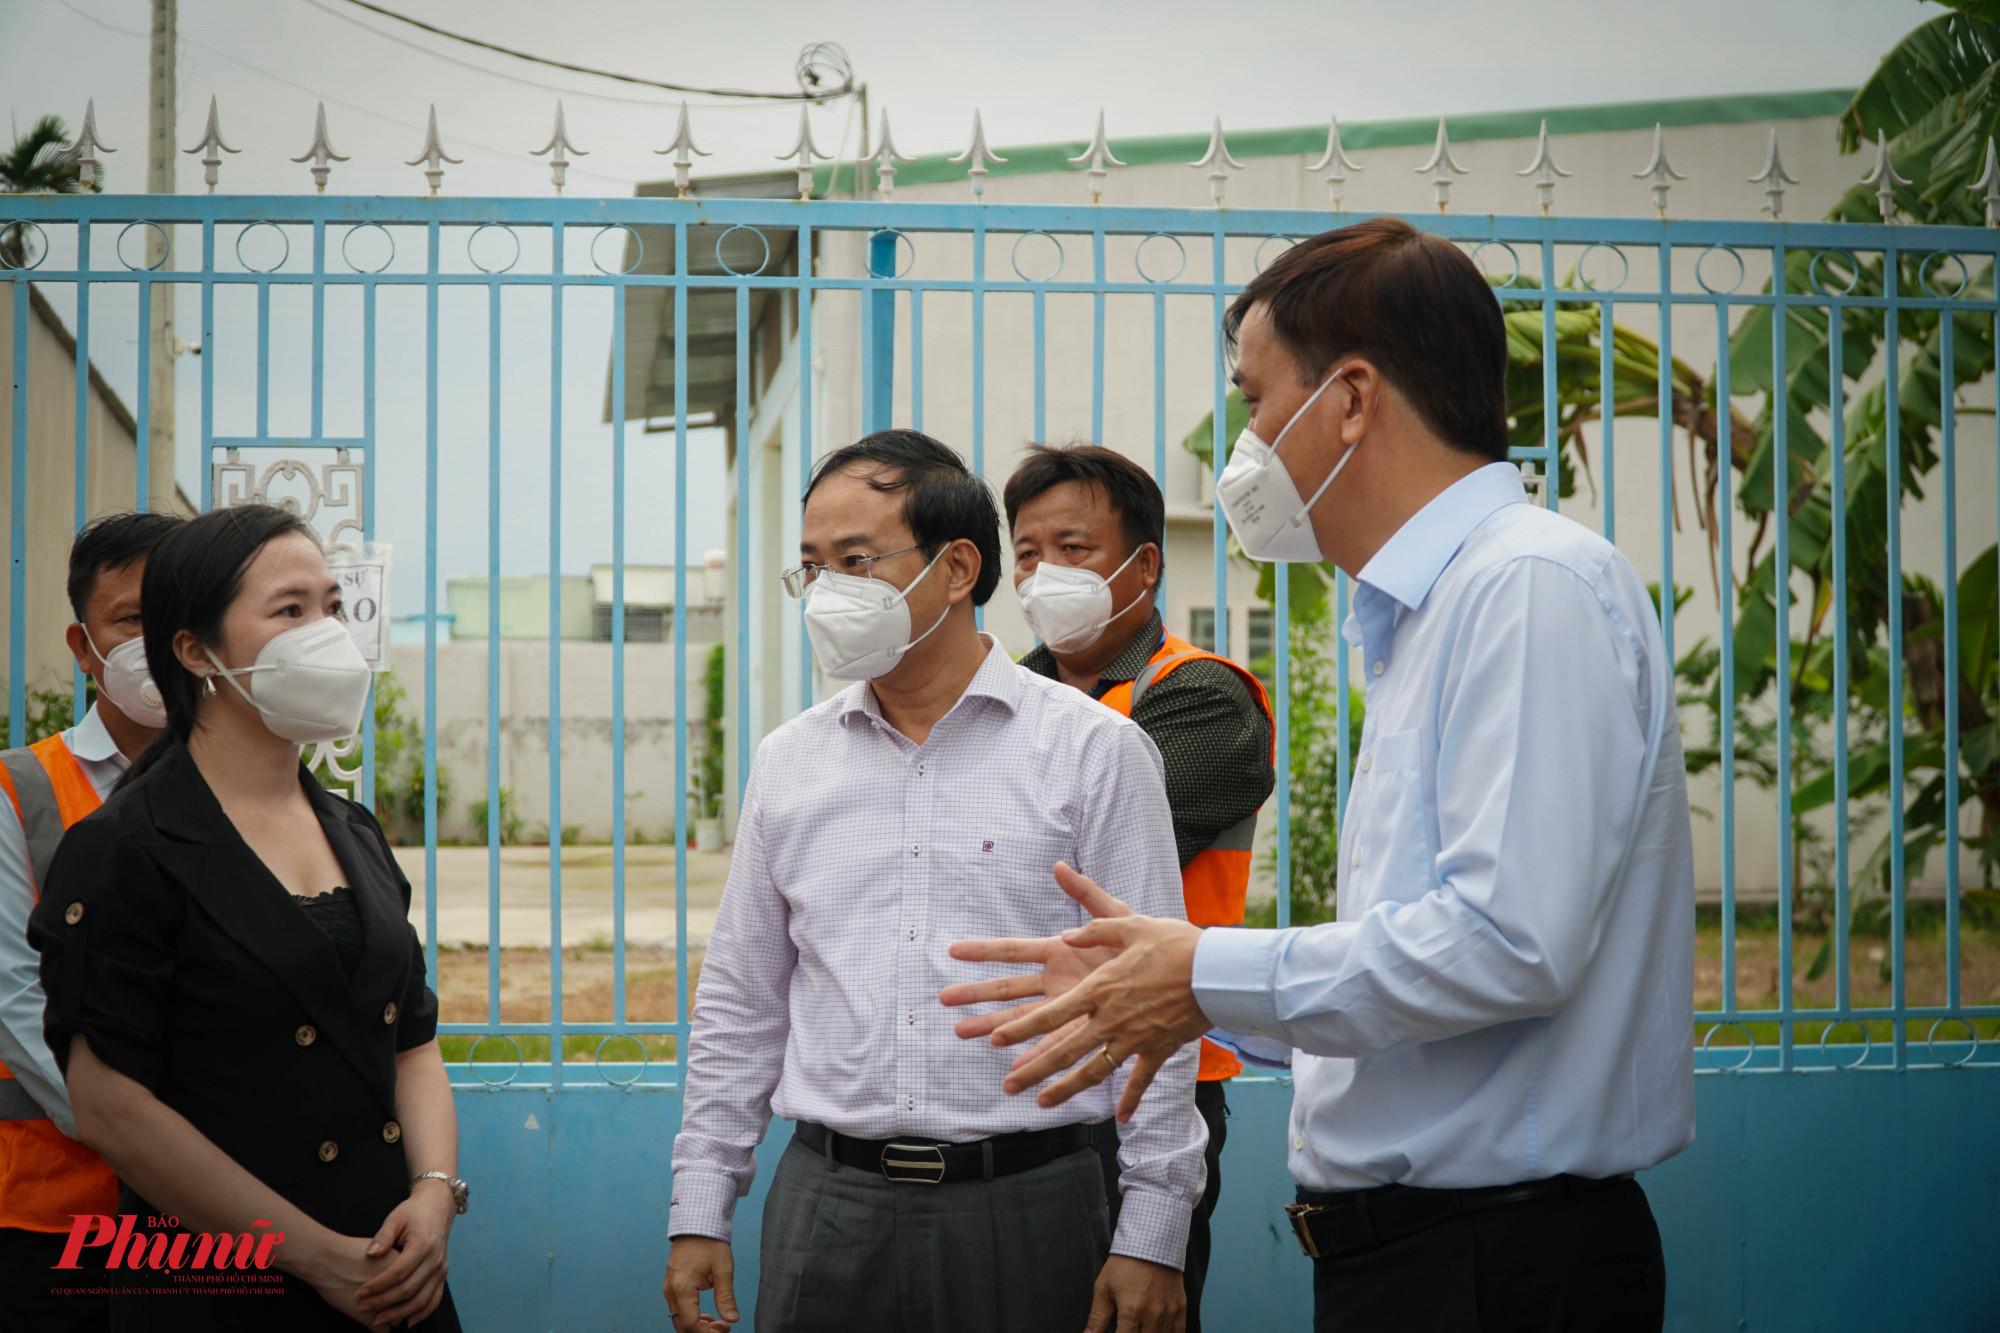 Ông Lê Hòa Bình - PCT UBND TPHCM trao đổi về vấn đề PCCC trong khu lưu trú, khi phải chú ý công tác phòng dịch và công tác PCCC trên địa bàn